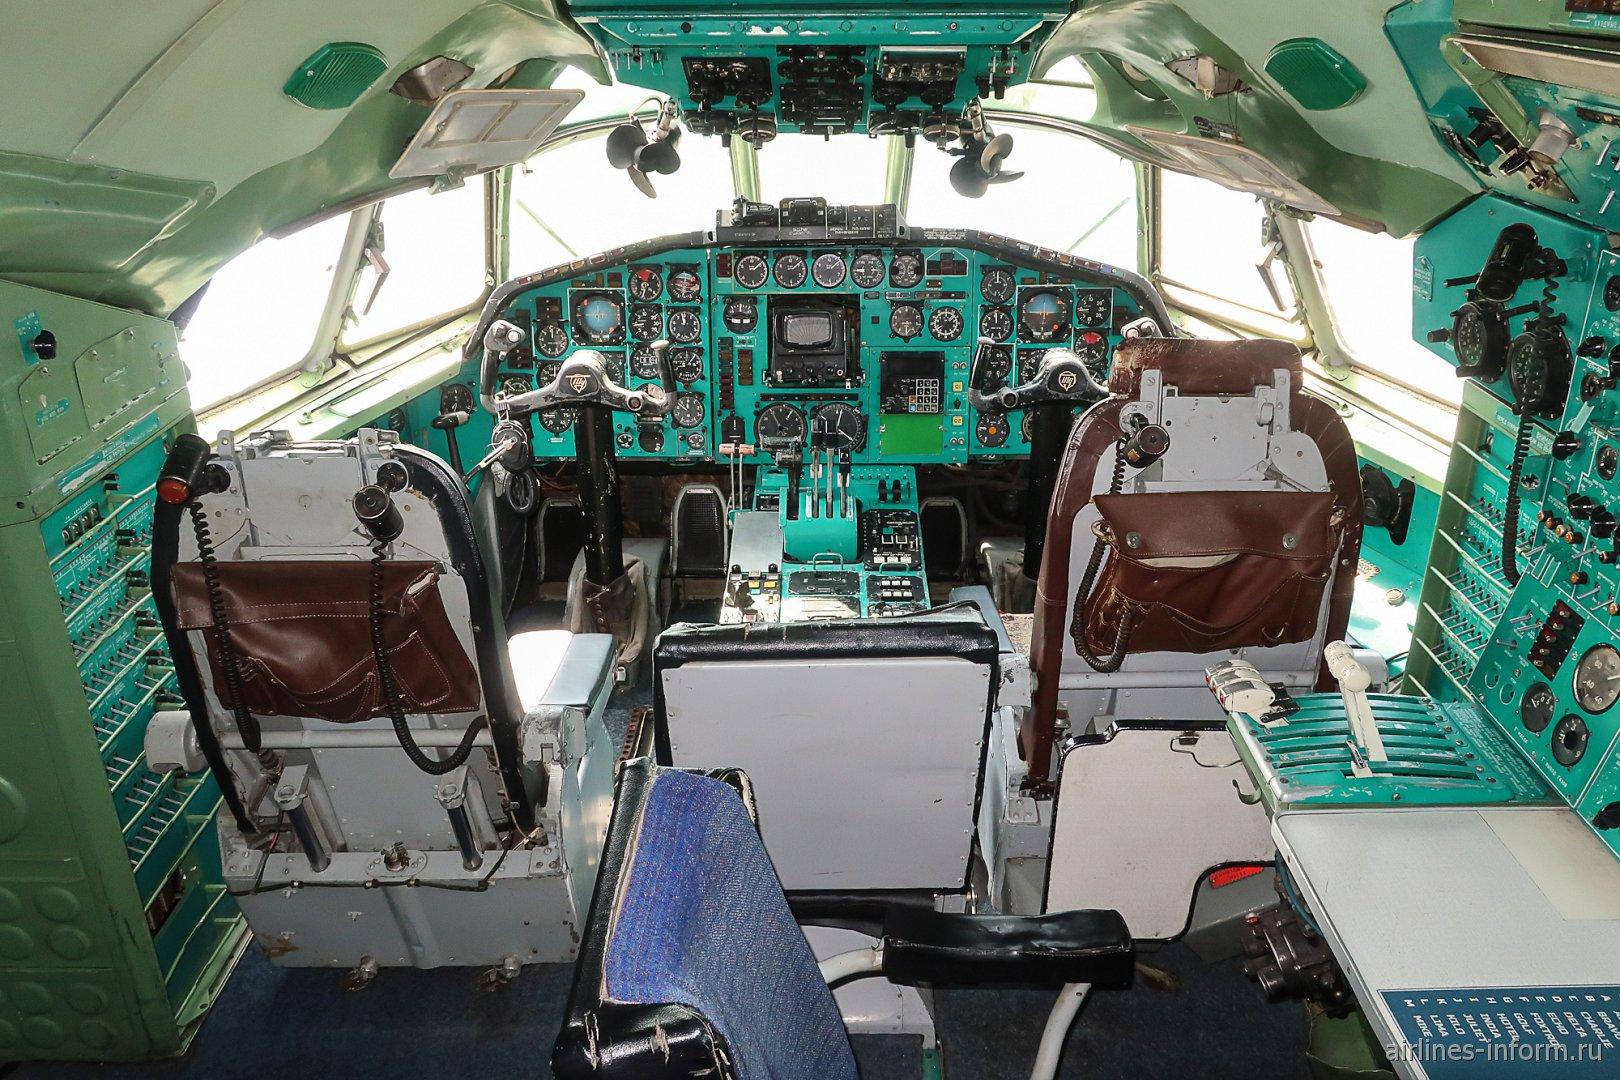 Кабина пилотов в самолете Ту-154Б-2